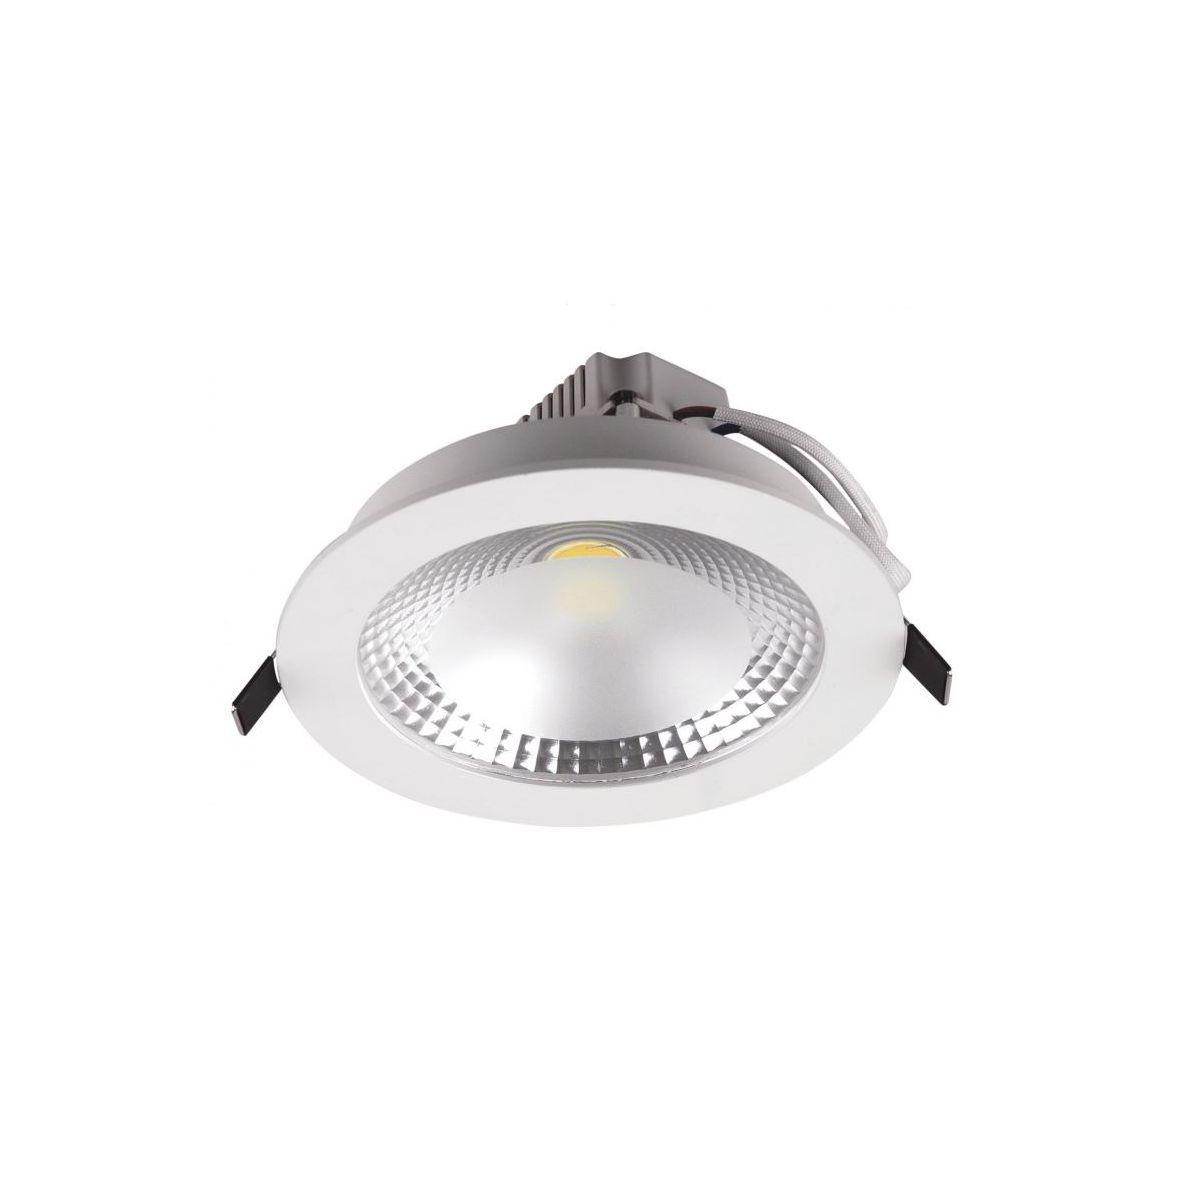 Populära Downlight LED 13W IP44 DIM P/T - ciepła CC-14